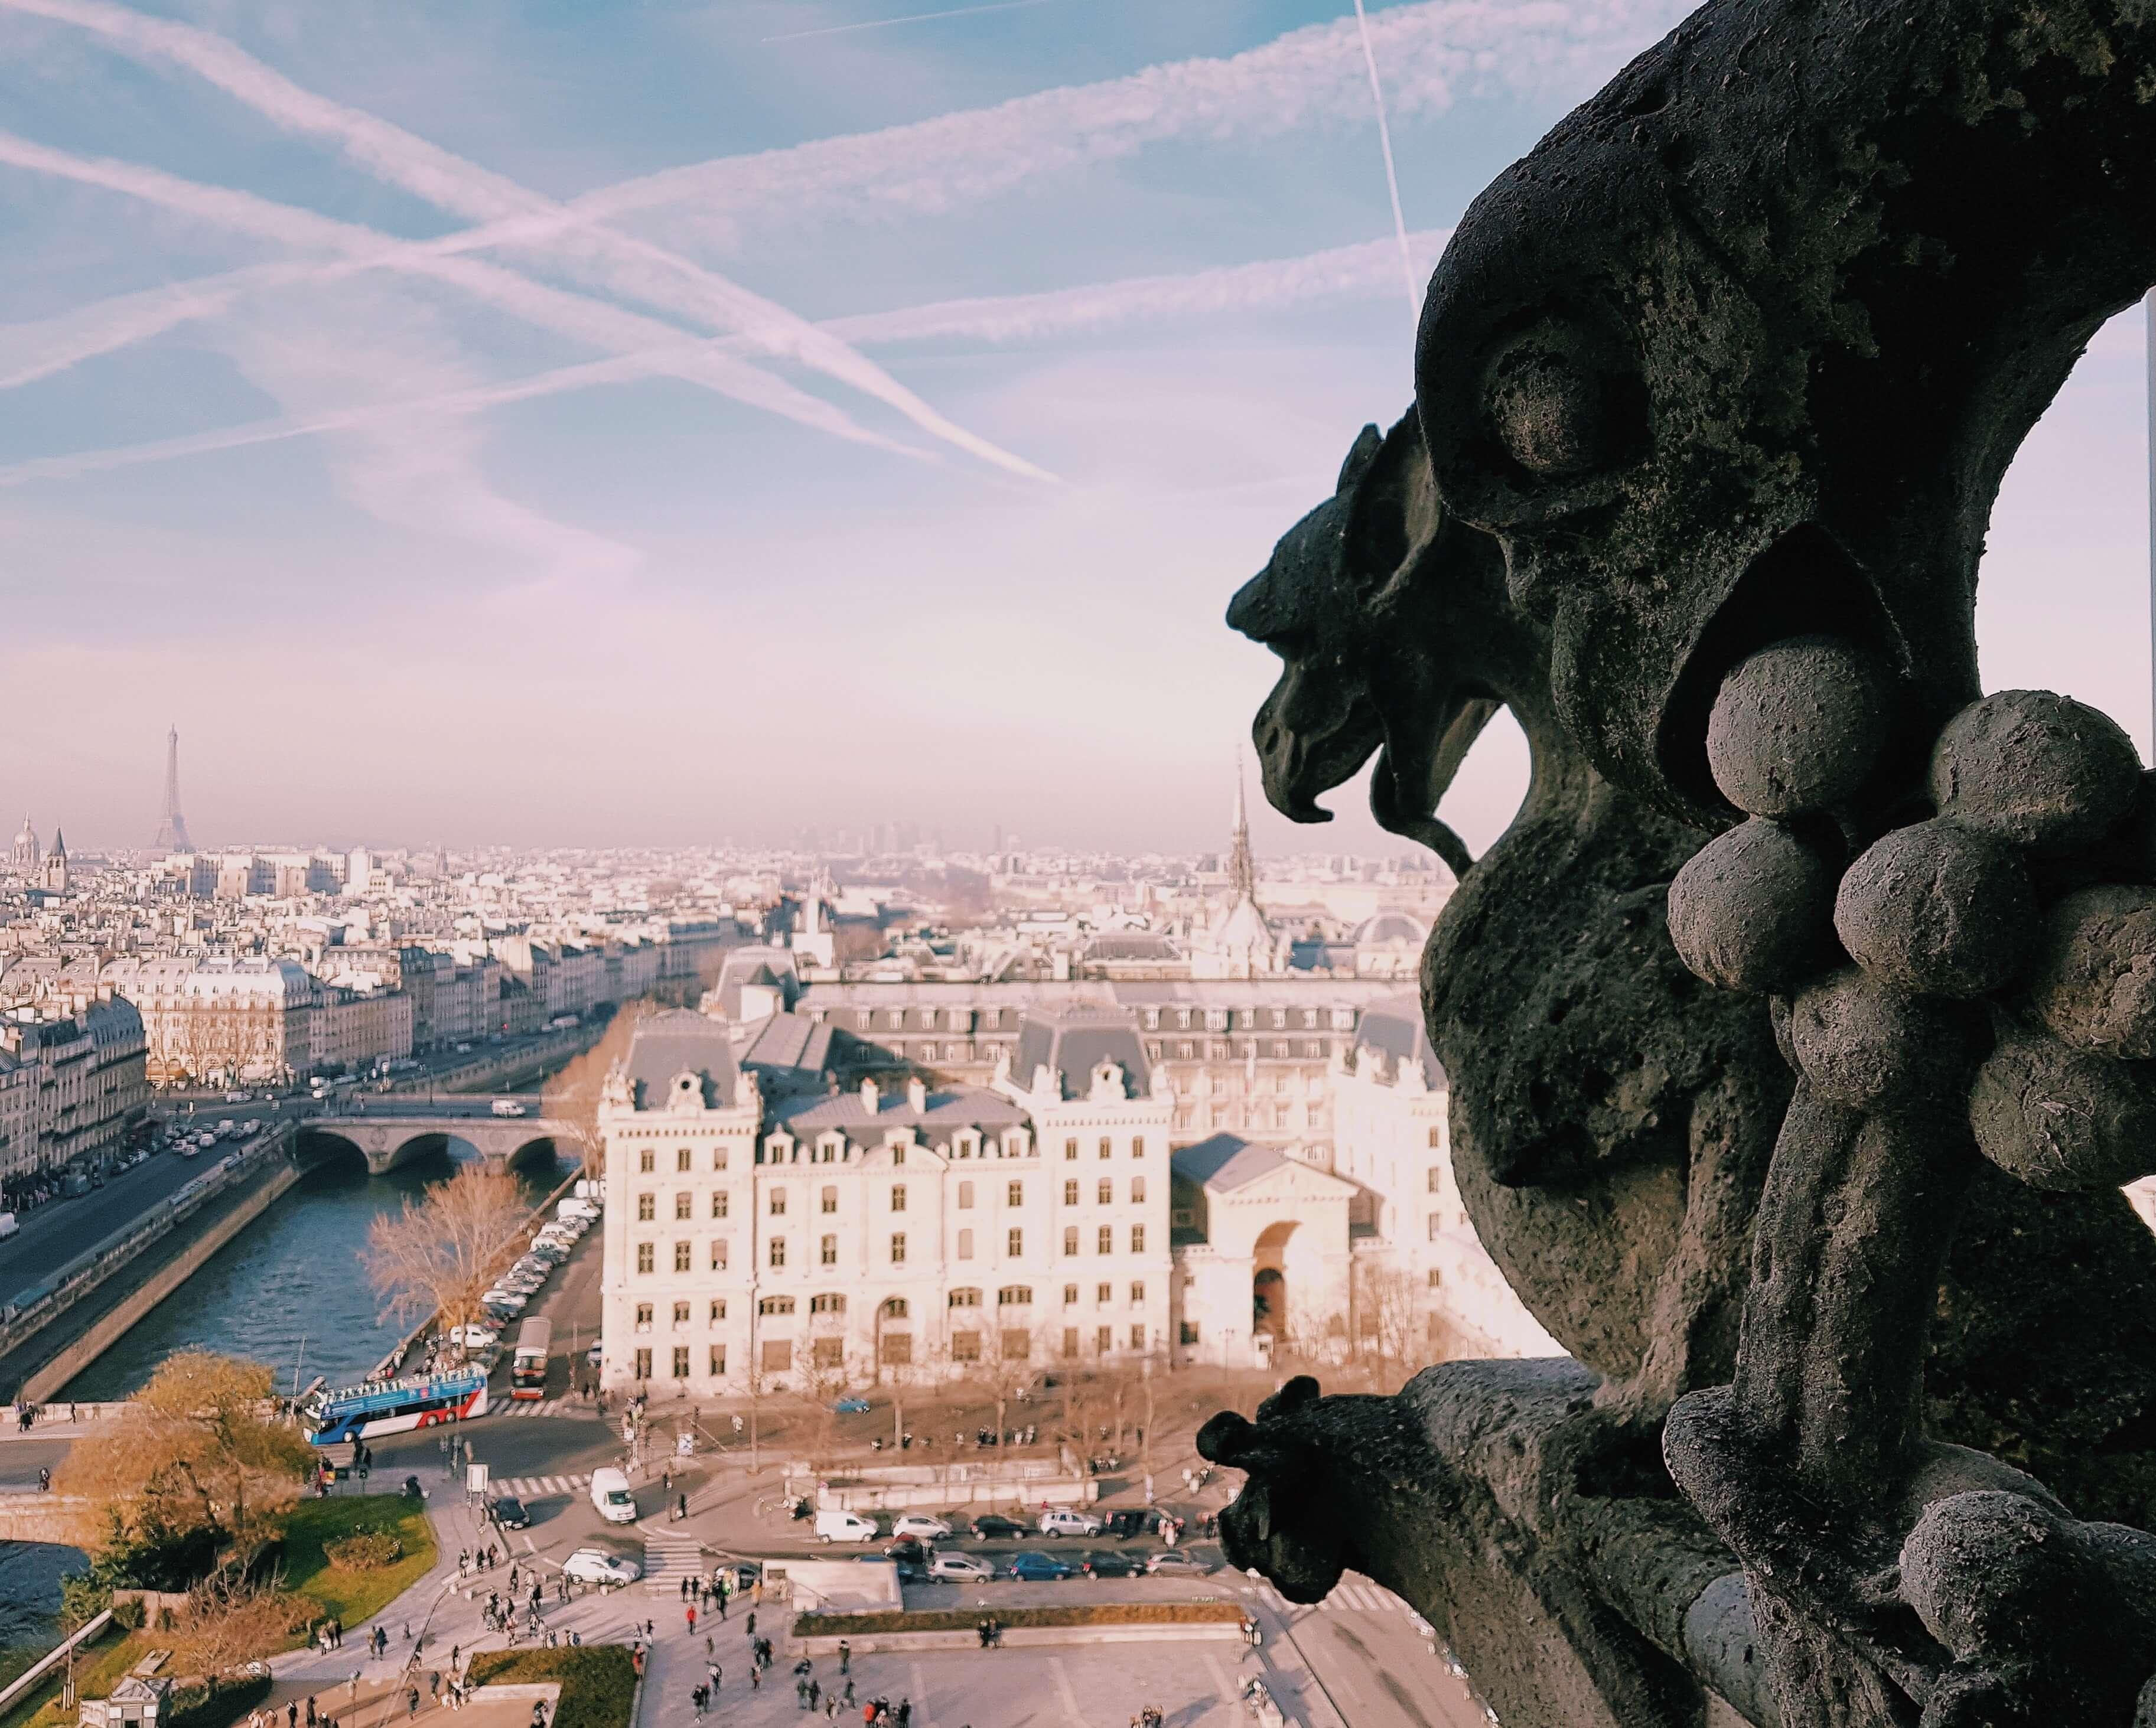 Parigi dall'alto: 6 panorami mozzafiato della Ville Lumière